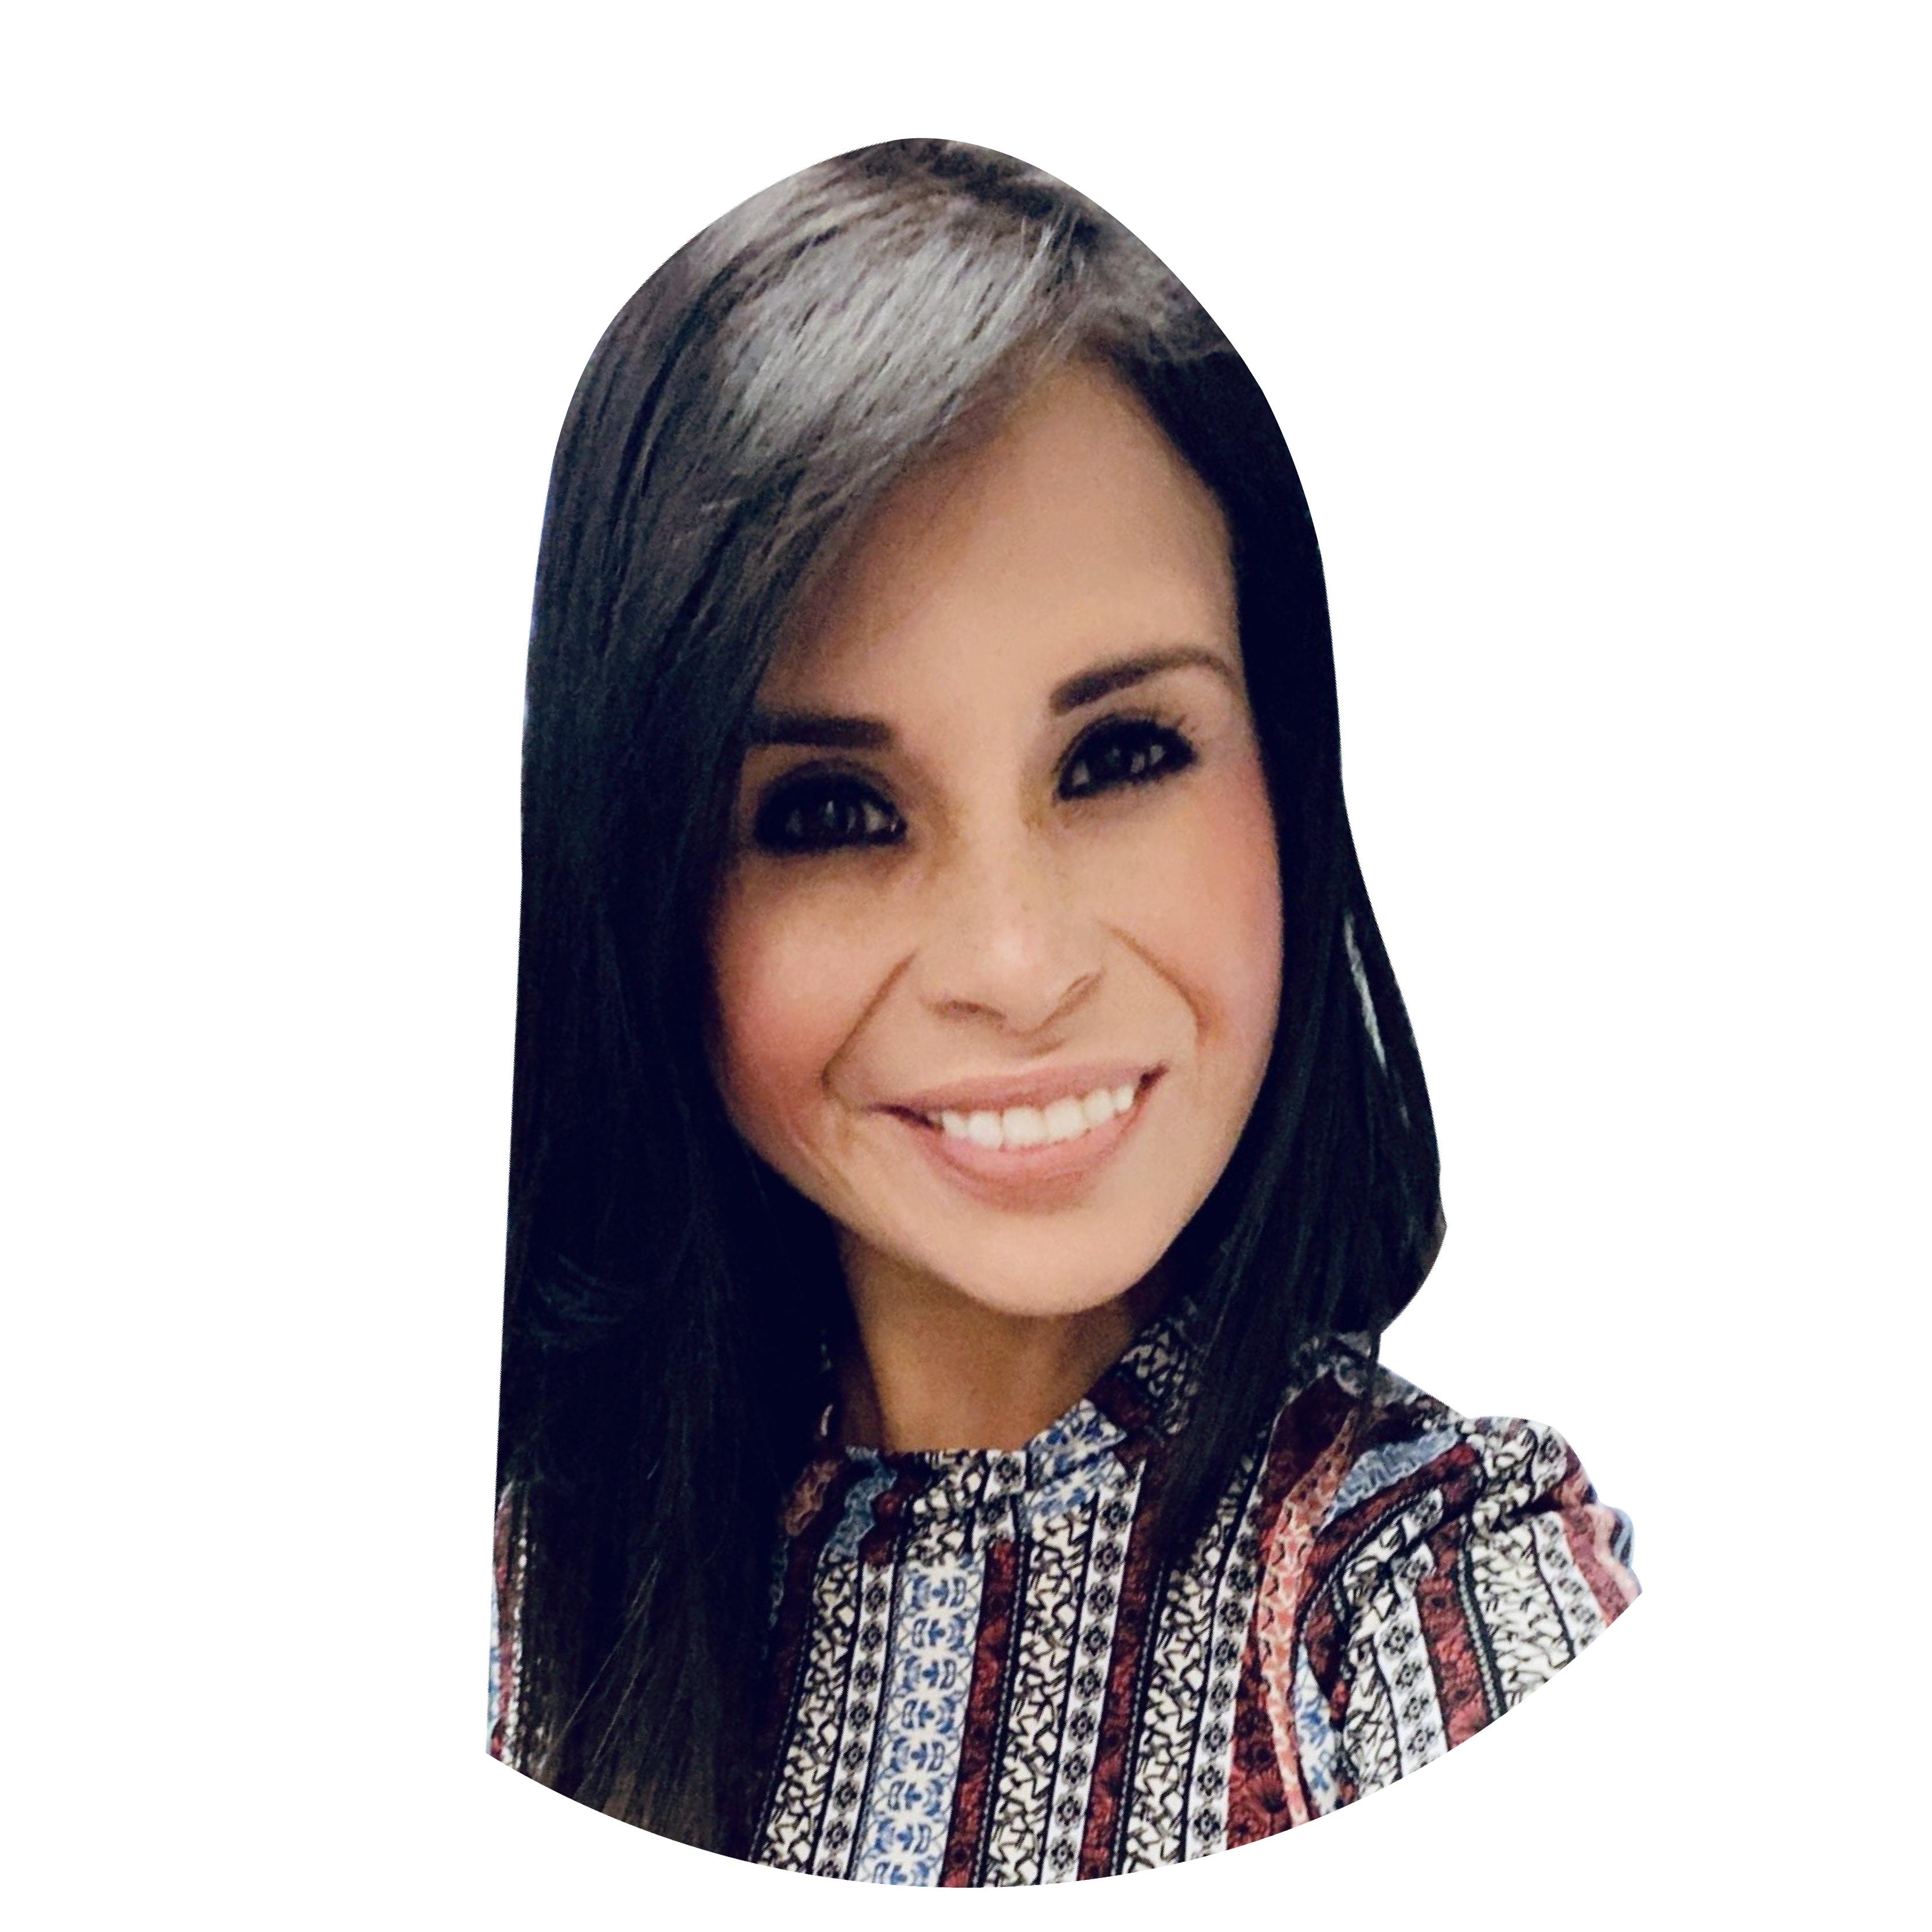 Vanessa Vela